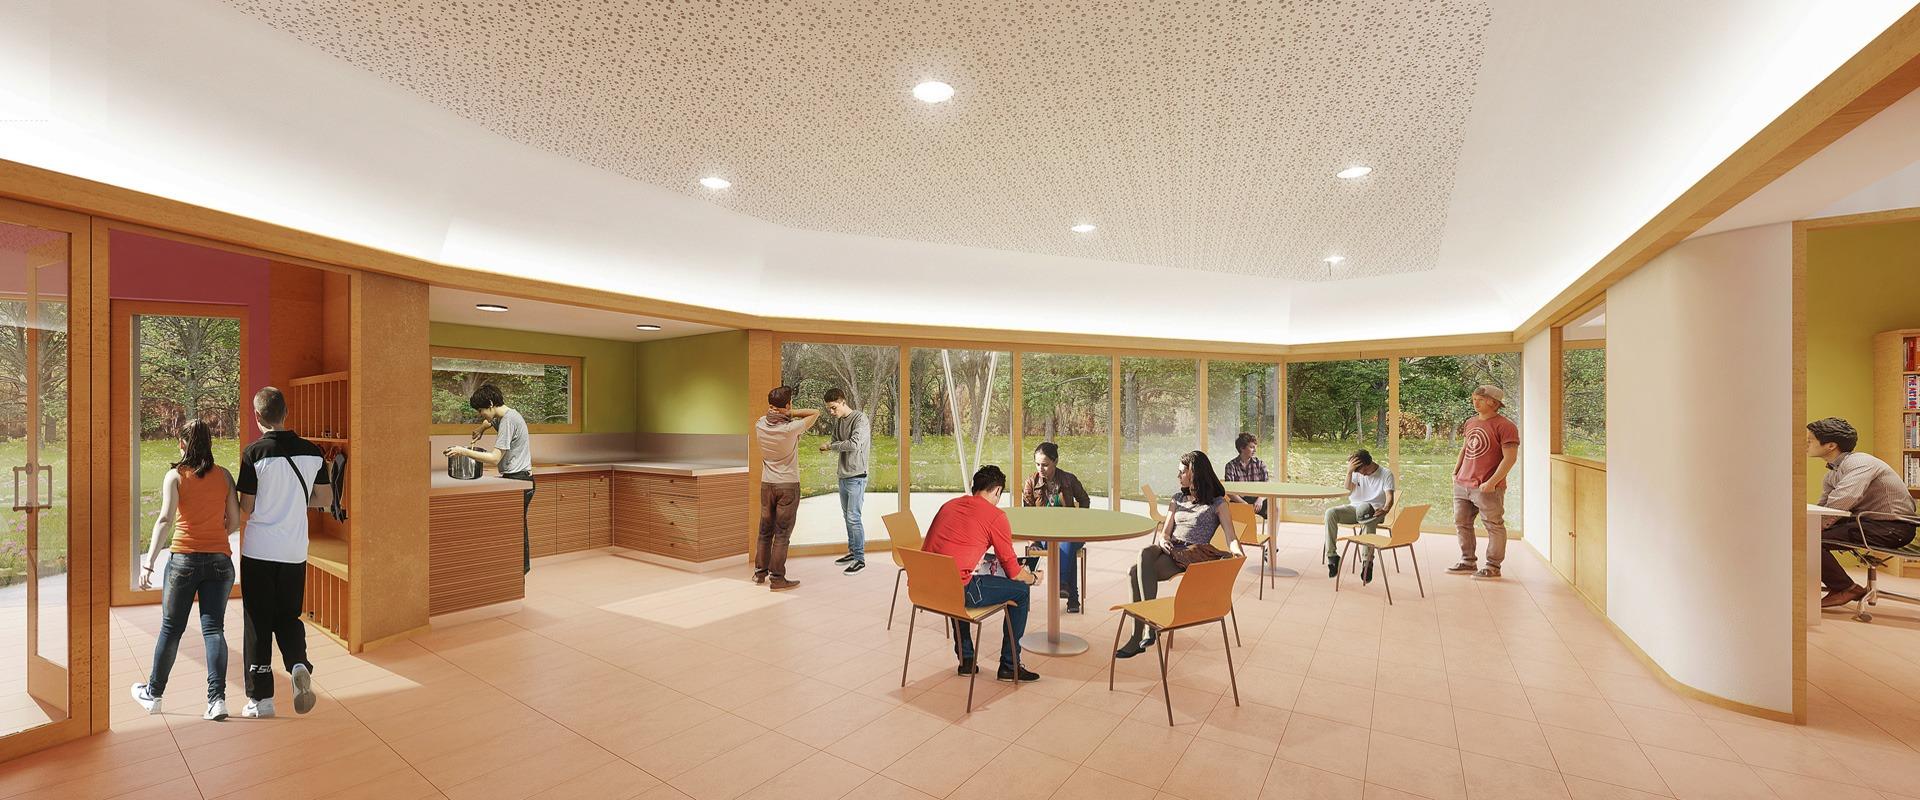 Conception architecte internat